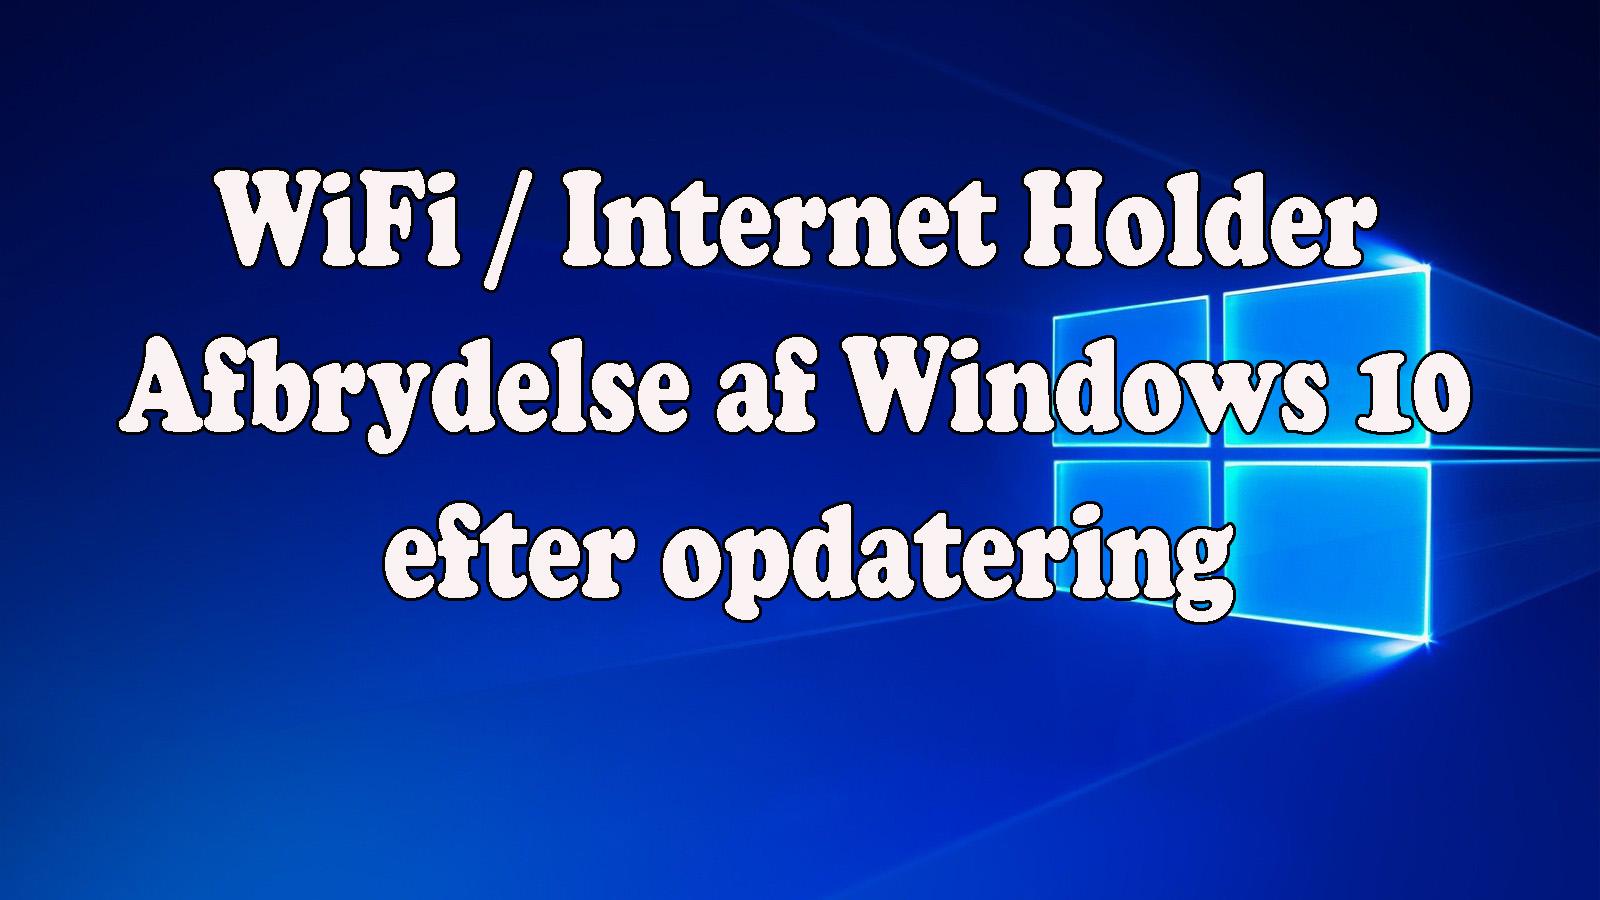 WiFi Holder Afbrydelse på Windows 10